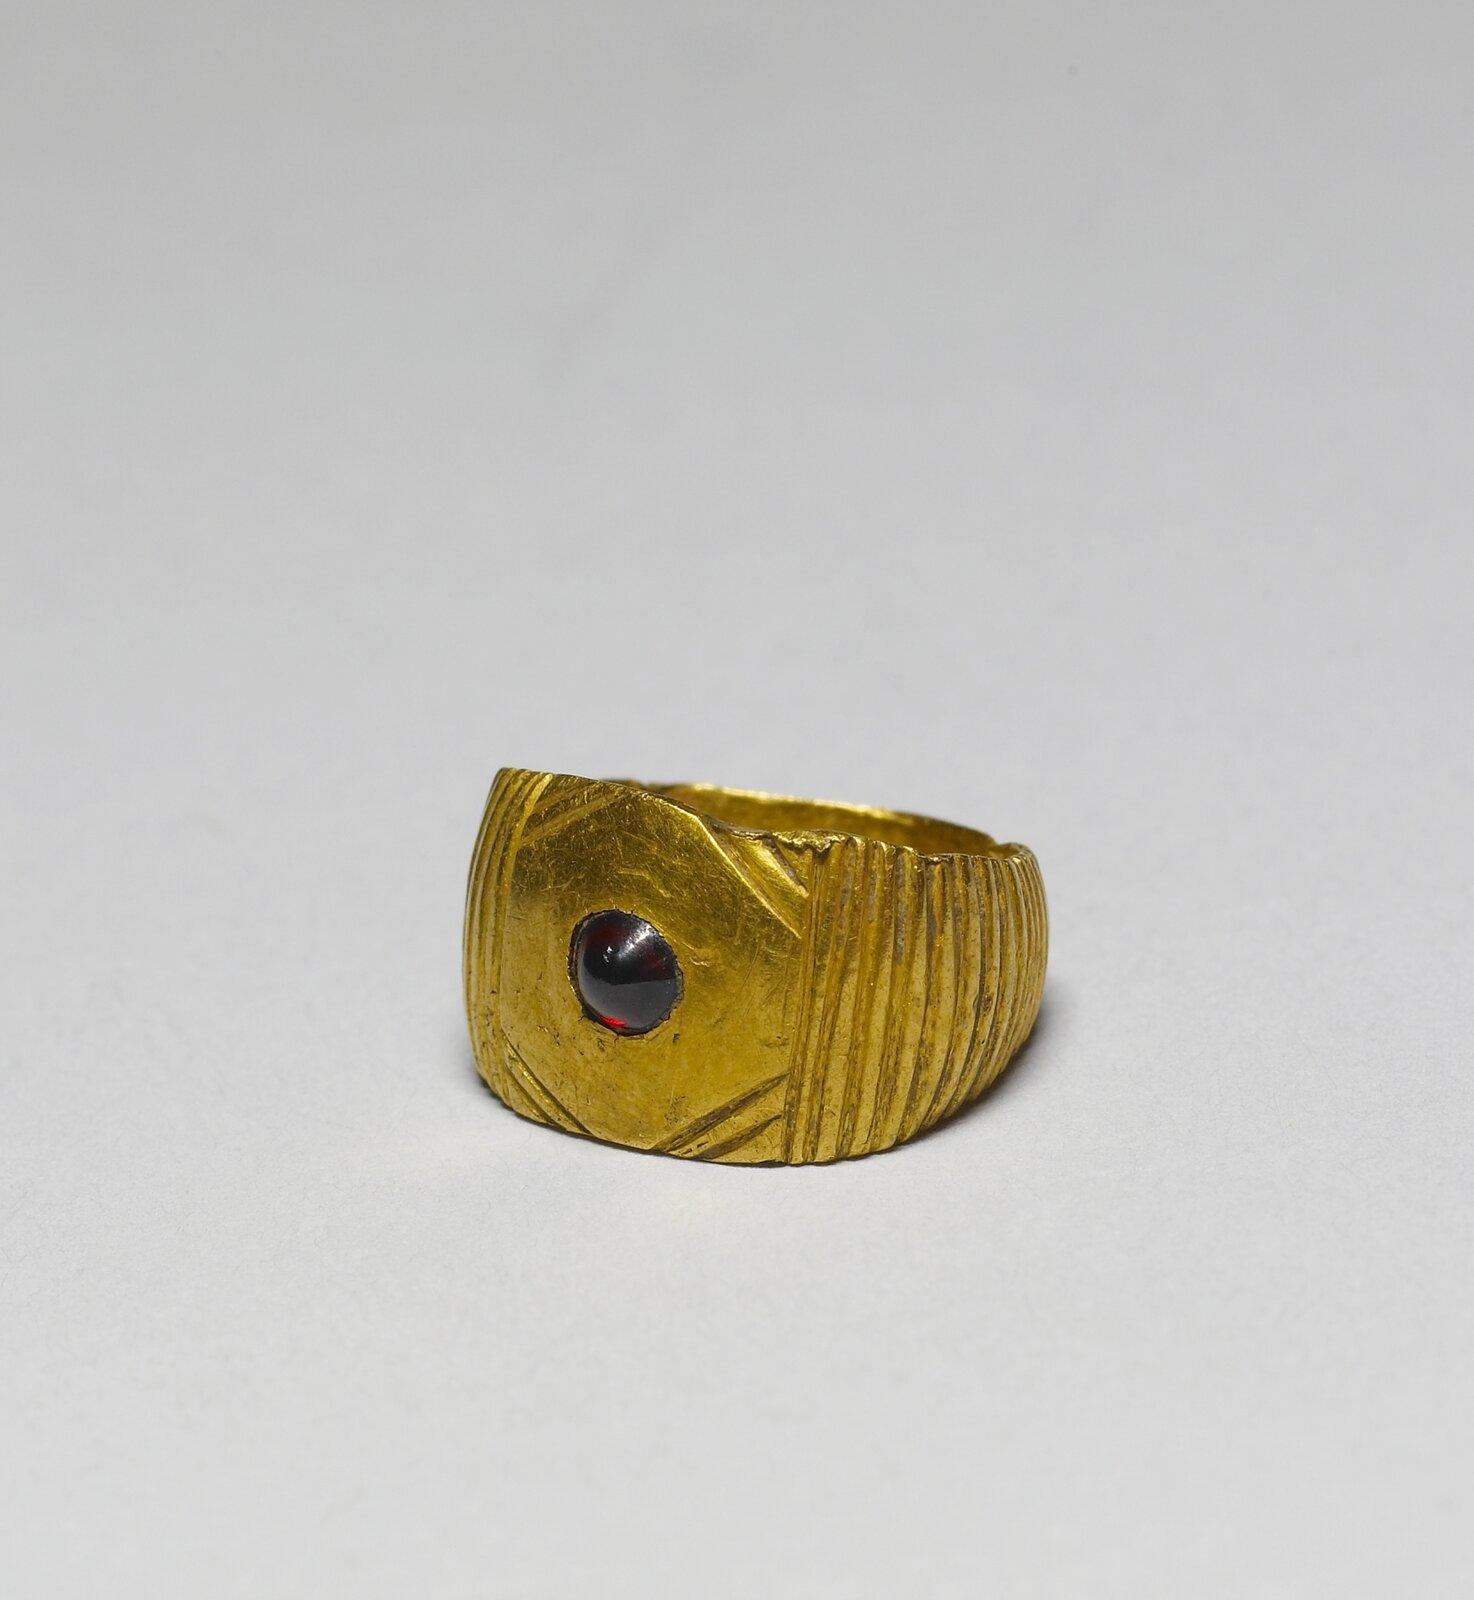 Pierścień ostrogocki, Vwiek Źródło: Pierścień ostrogocki, Vwiek, Walters Art Museum, domena publiczna.